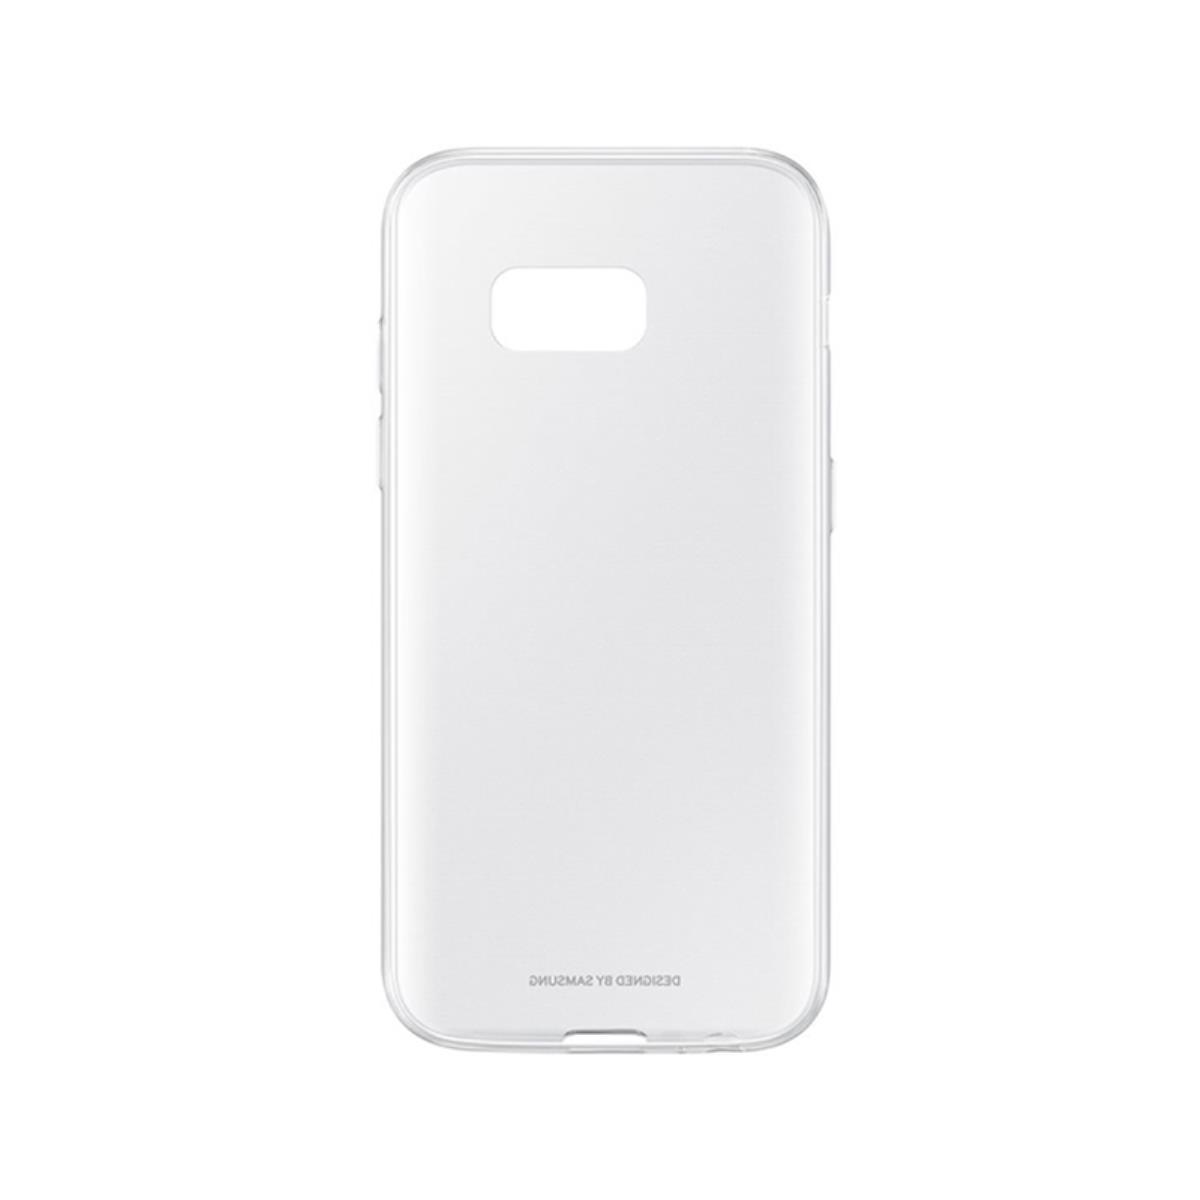 HUAWEI P10 LITE WAS-LX1A 32GB/3GB DUAL SIM PRETO